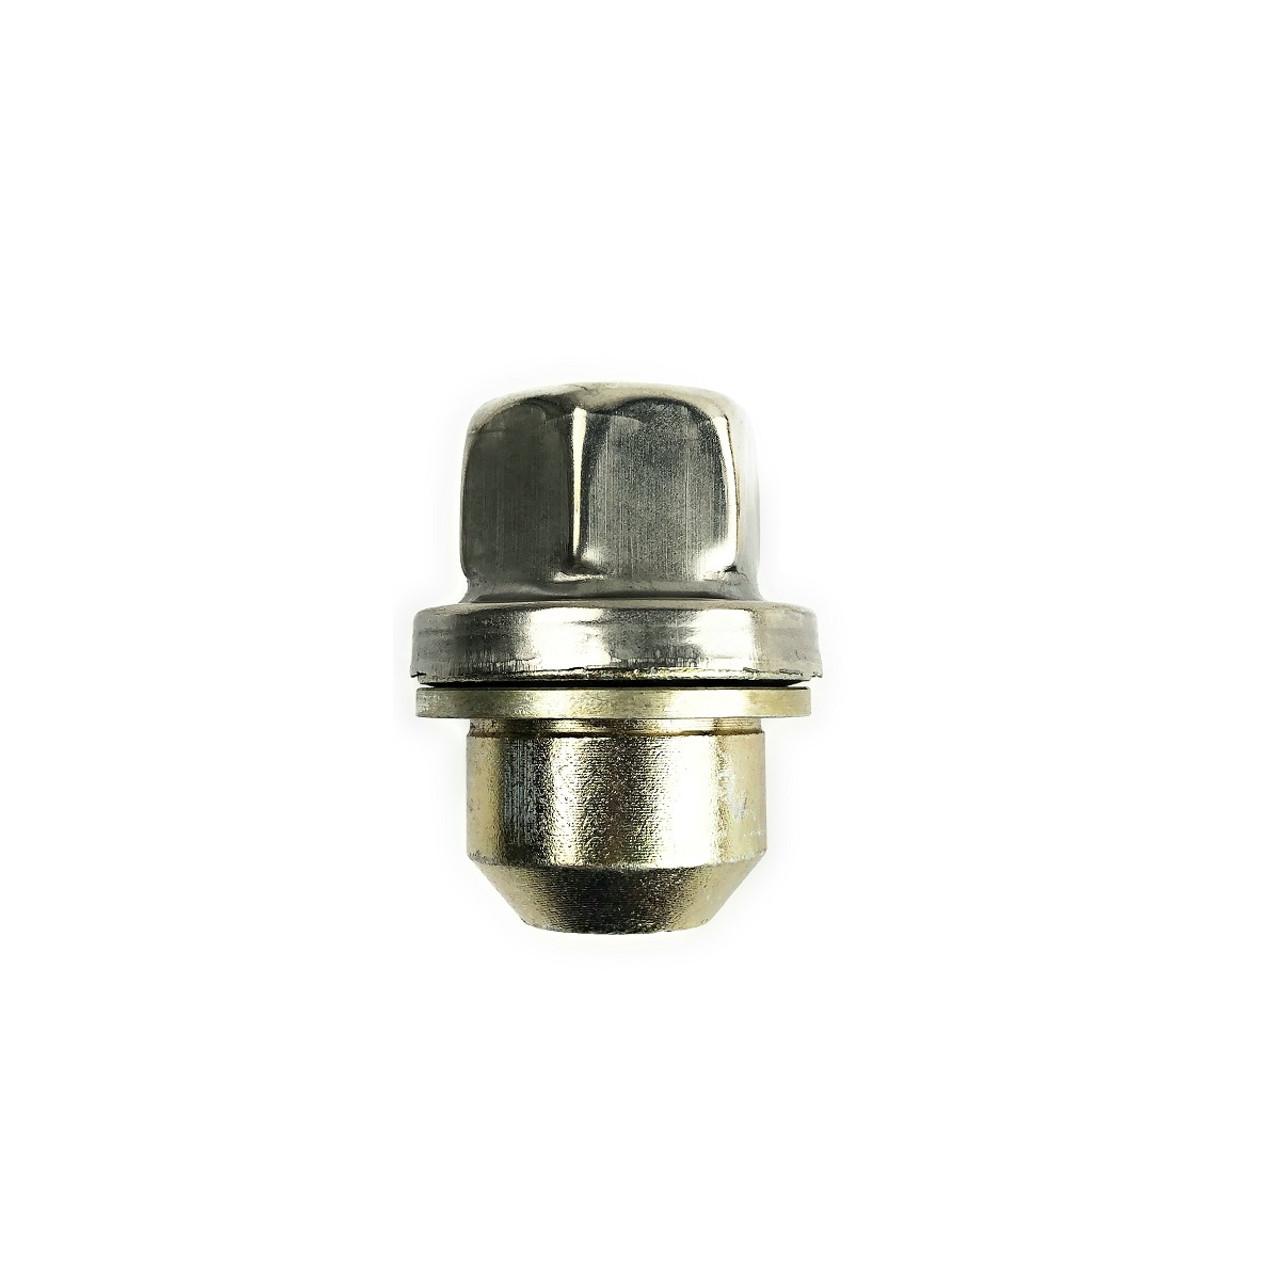 Lug Nut - RRD100630